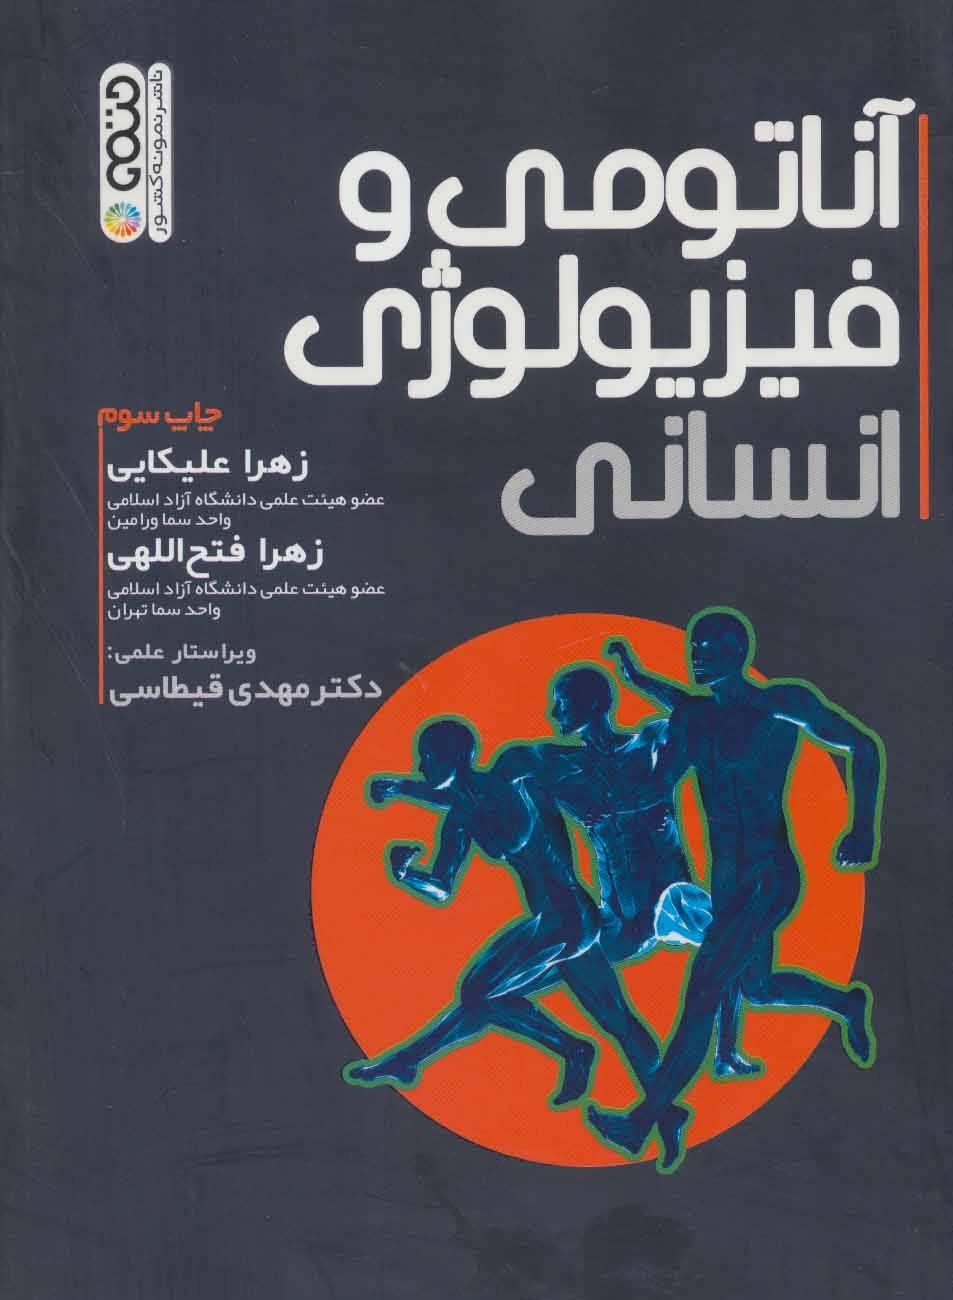 کتاب آناتومی و فیزیولوژی انسانی